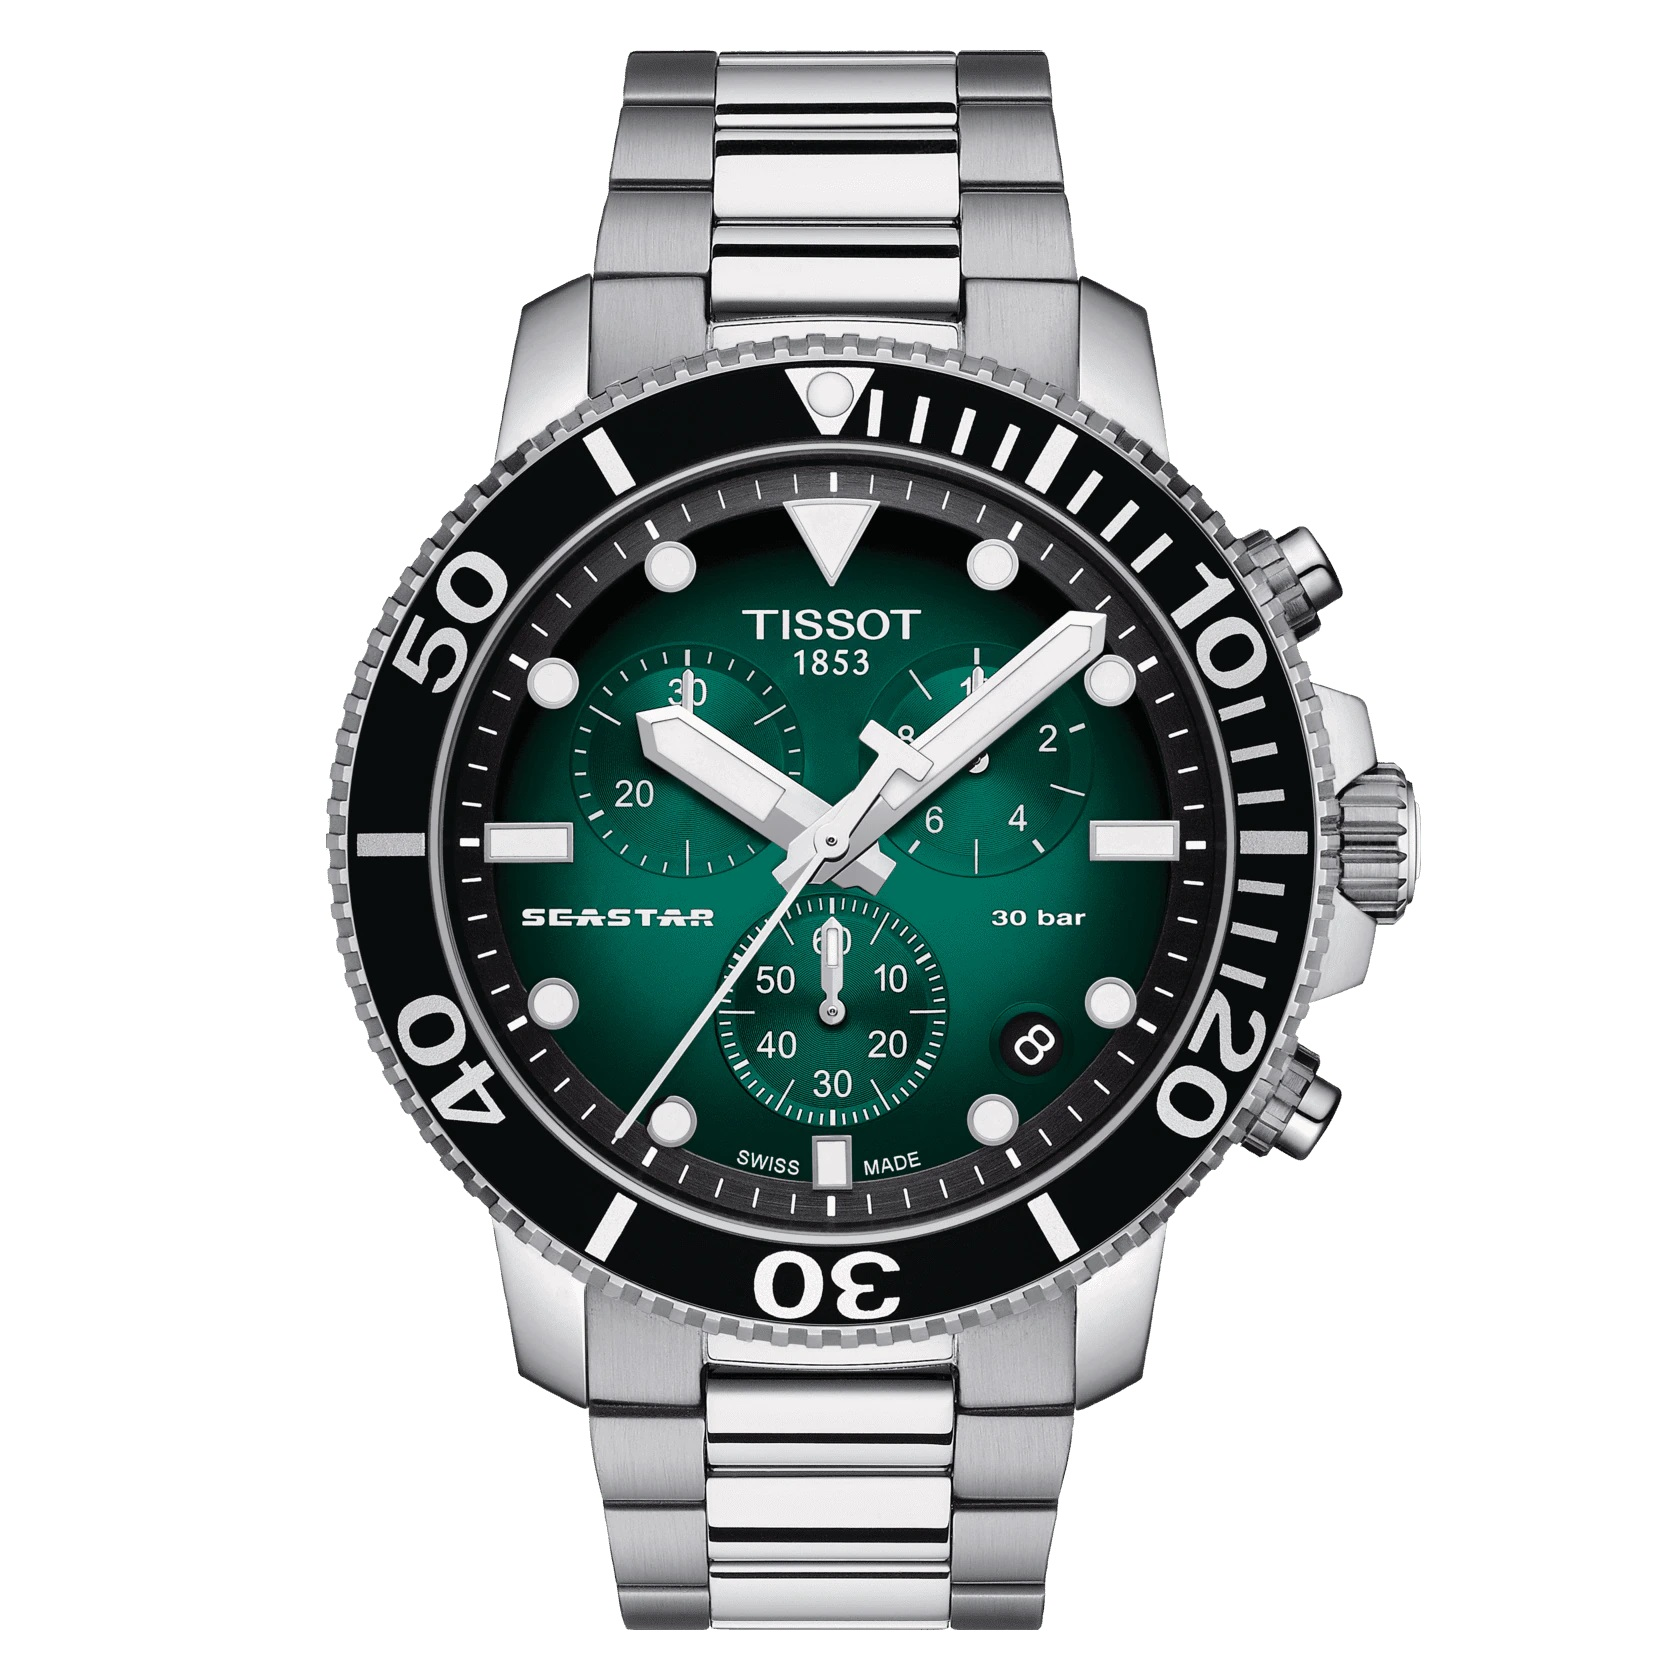 ティソ 正規販売 メンズ 腕時計 TISSOT シースター 1000 クォーツ クロノグラフ グリーン文字盤 メタルブレス T120.417.11.091.01